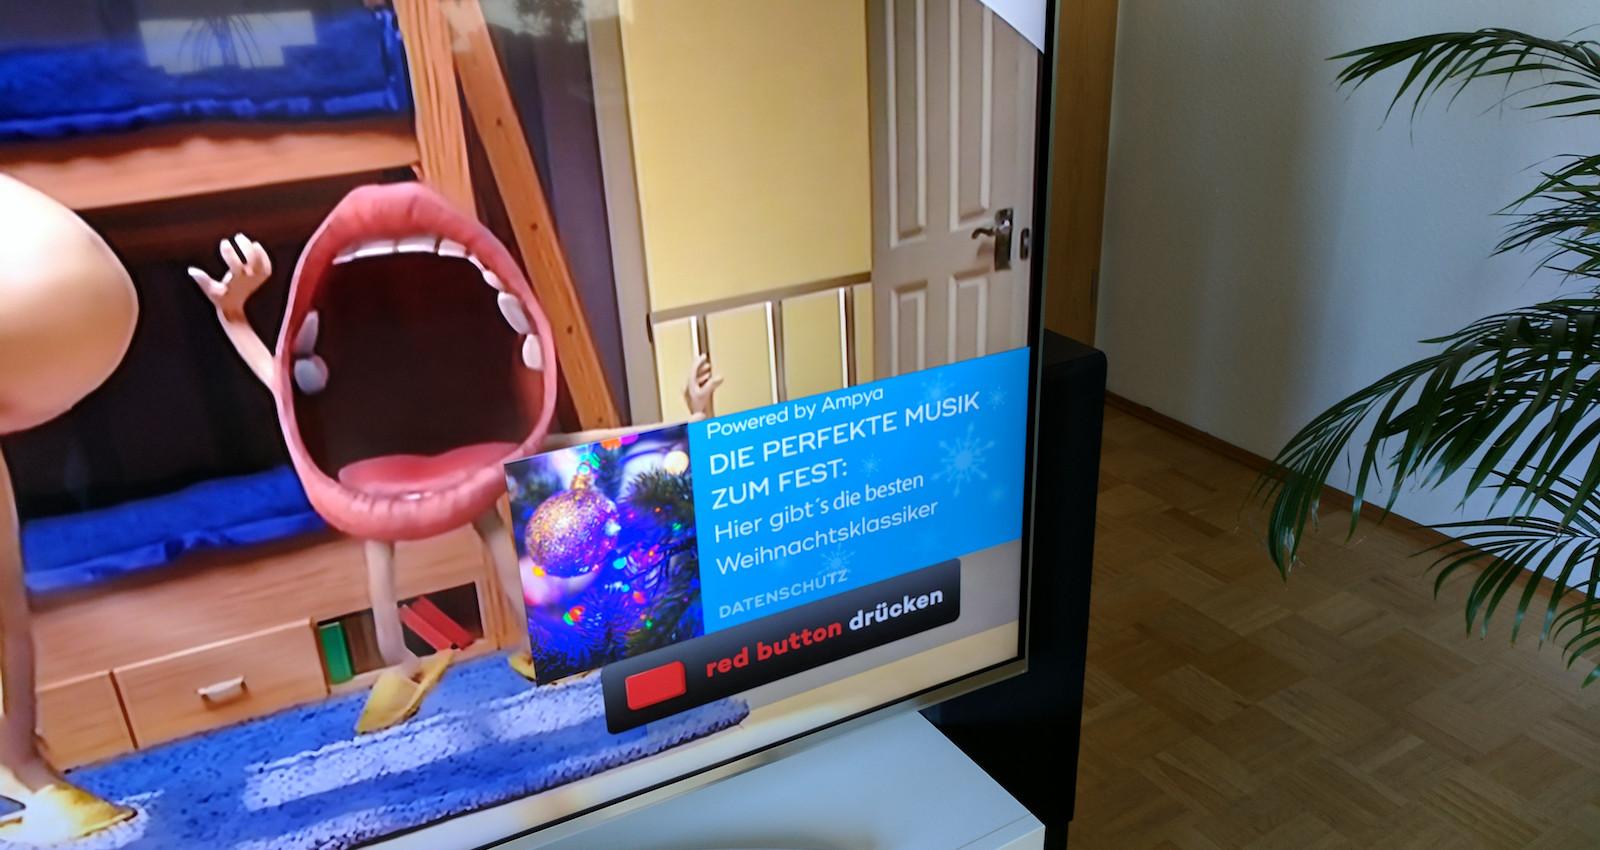 Werbung auf LG Fernseher